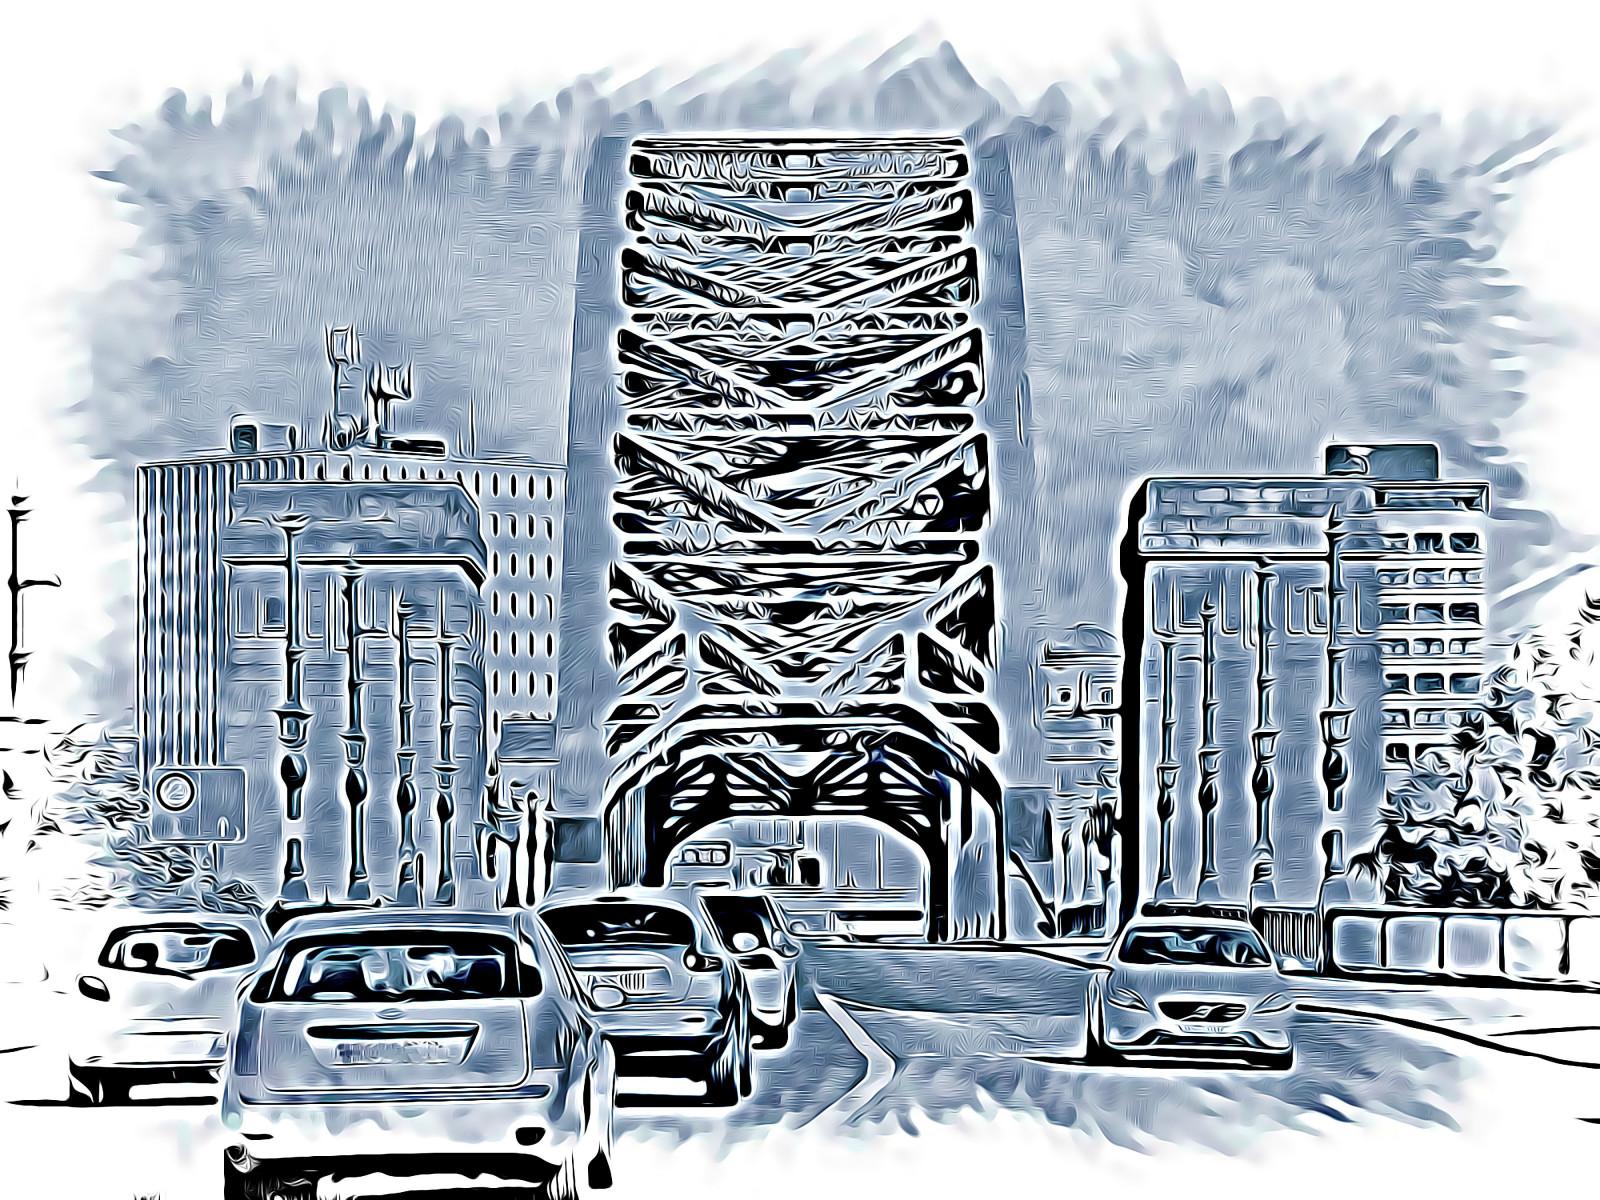 Wallpaper Gambar Lukisan Ilustrasi Mobil Kaki Langit